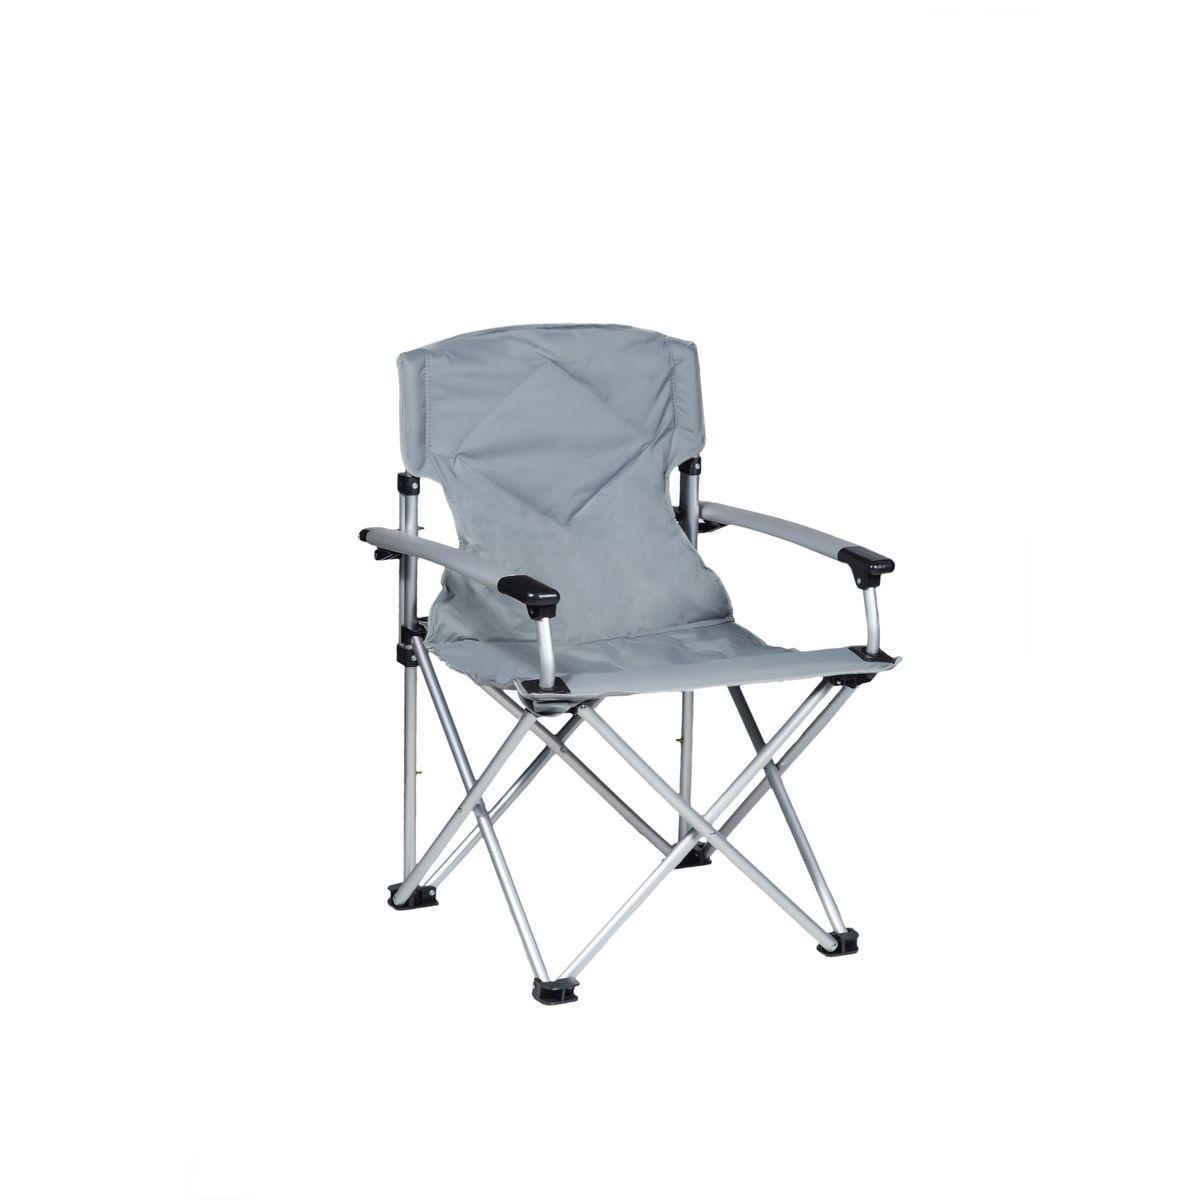 Кресло складное Green Glade M2306, 65 см х 66 см х 95 см5113691Складное кресло Green Glade M2306 предназначено для создания комфортных условий в туристических походах, рыбалке и кемпинге. Особенности: Компактная складная конструкция. Прочный стальной каркас 25/21,5 мм. Прочный полиэстер + ПВХ с набивкой из пеноматериала. Пластиковые подлокотники. Чехол для переноски и хранения.